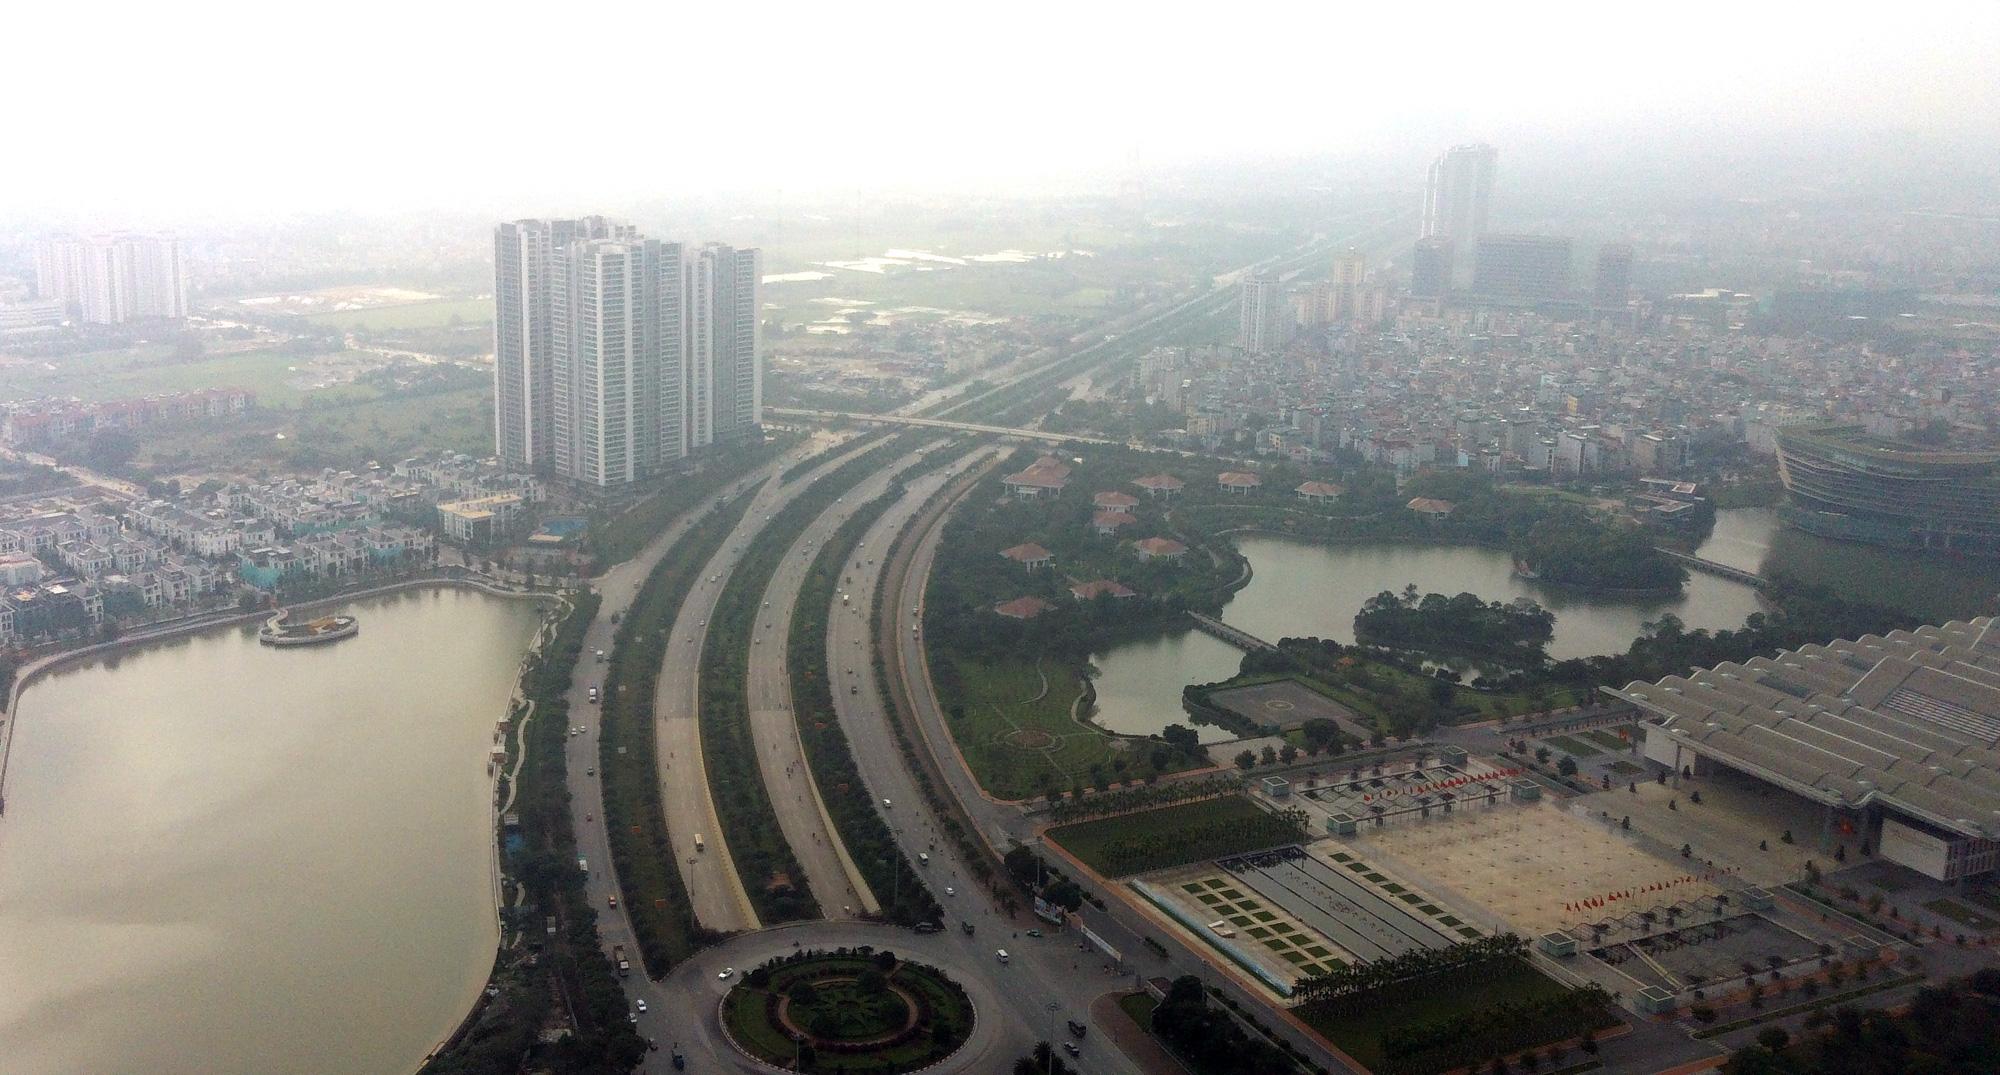 Phương tiện chỉ được đi một chiều trên đường gom Đại lộ Thăng Long từ 2/3 - Ảnh 1.